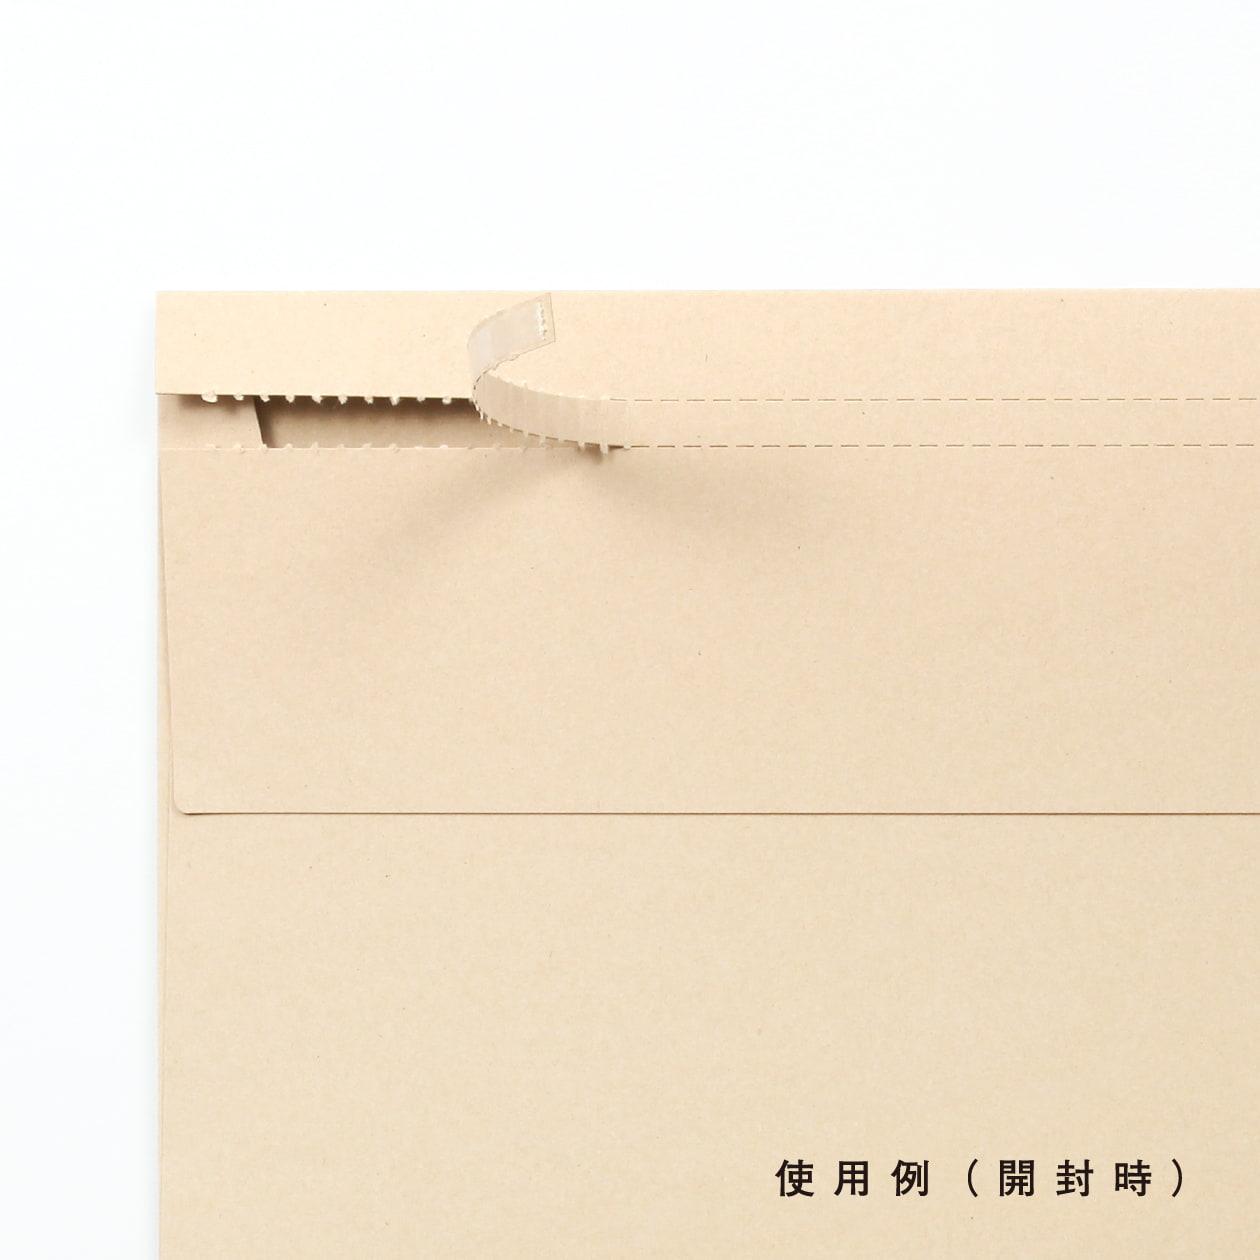 #843パッケージ 角3 HAGURUMA Basic ウッドブラウン 260g テープ有